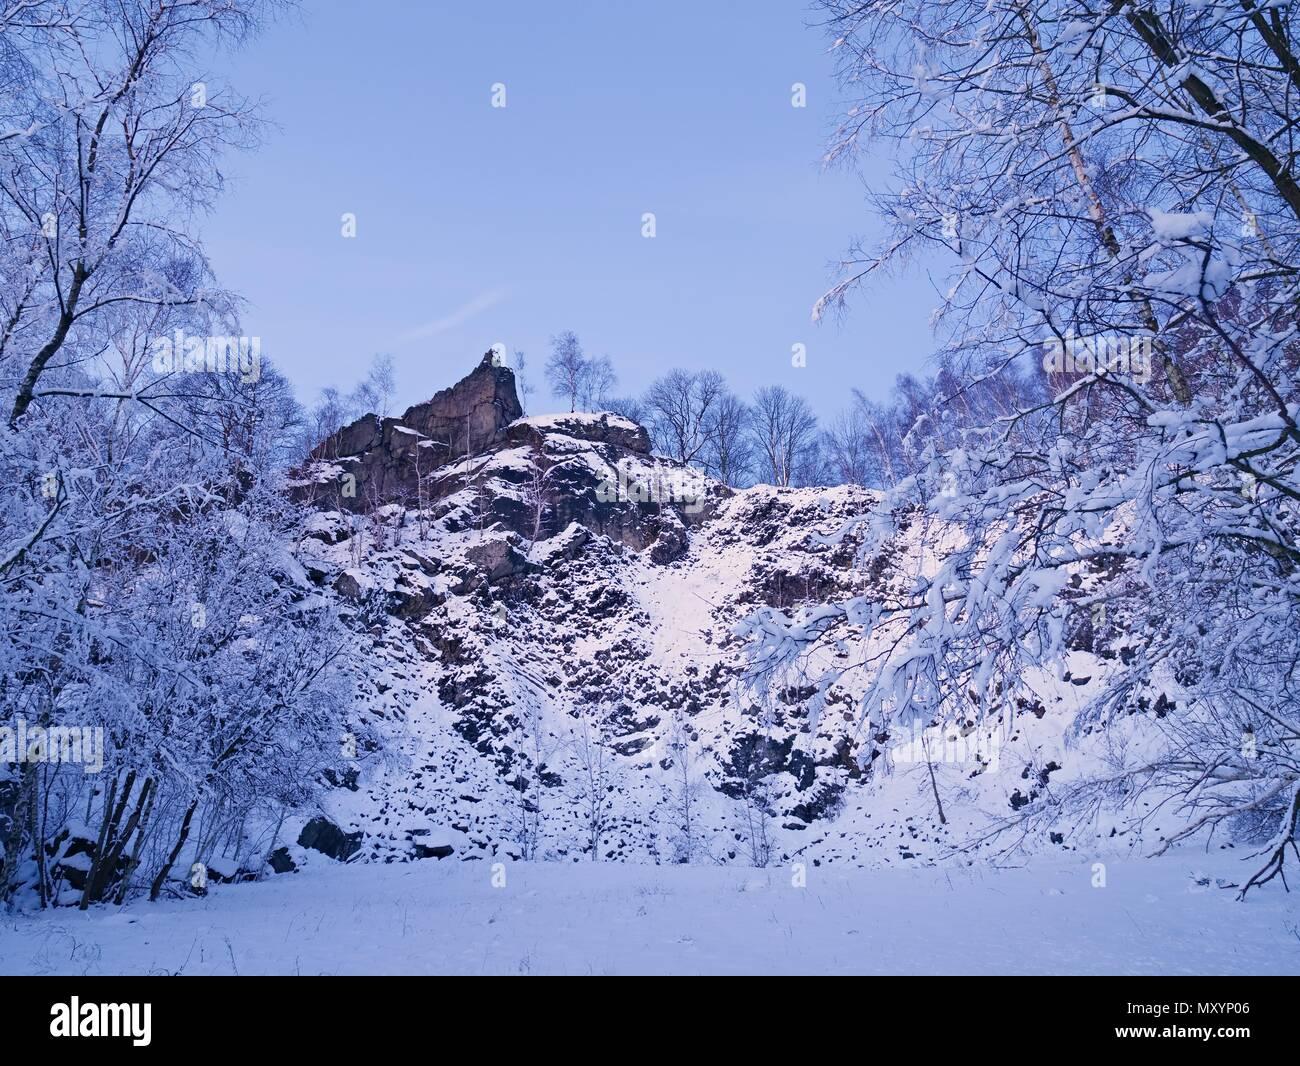 Winterlandschaft. Winter frostige Tree Tops gegen den dunklen Himmel im Wald. Verschneite Baumkronen unter Schnee Stockbild